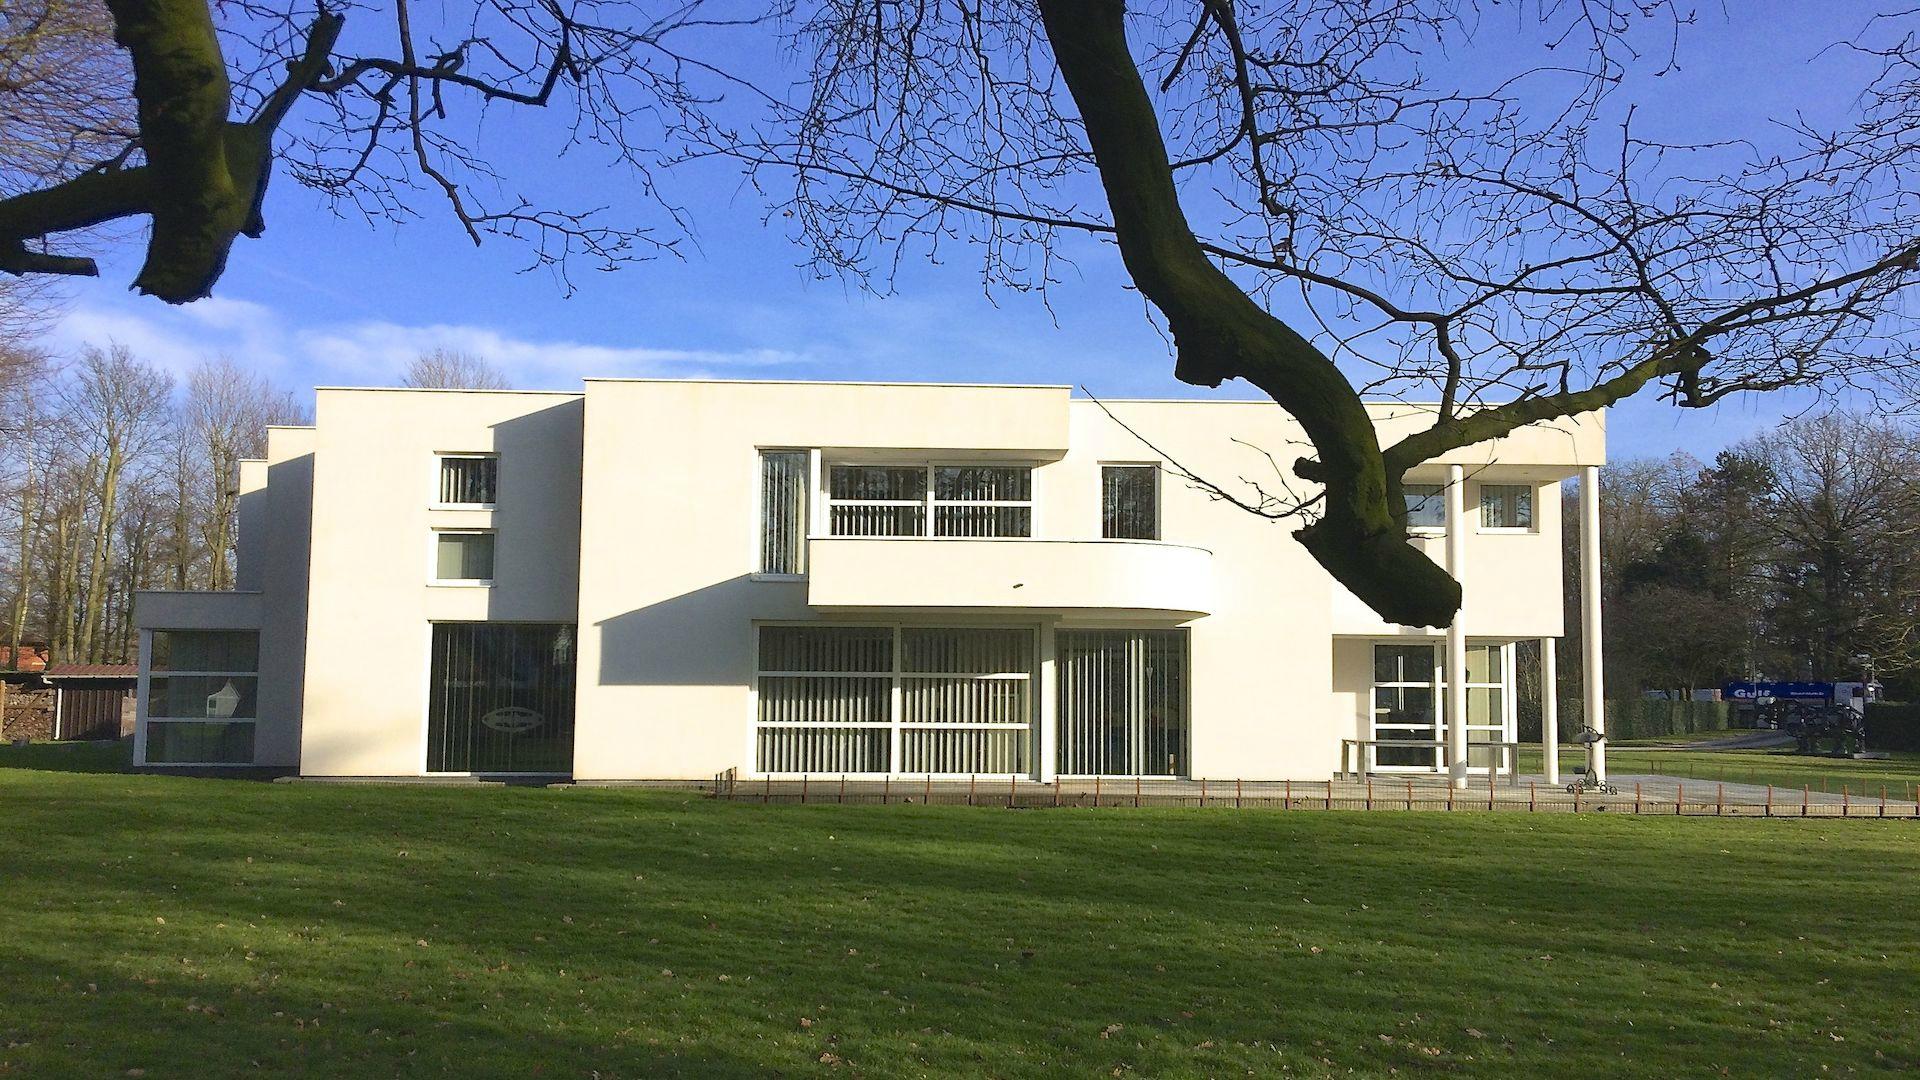 Exclusief – modernistische villa op subliem domein aan kasteelvijver – 6285 m2 – tussen Brugge en Oostende (Jabbeke)